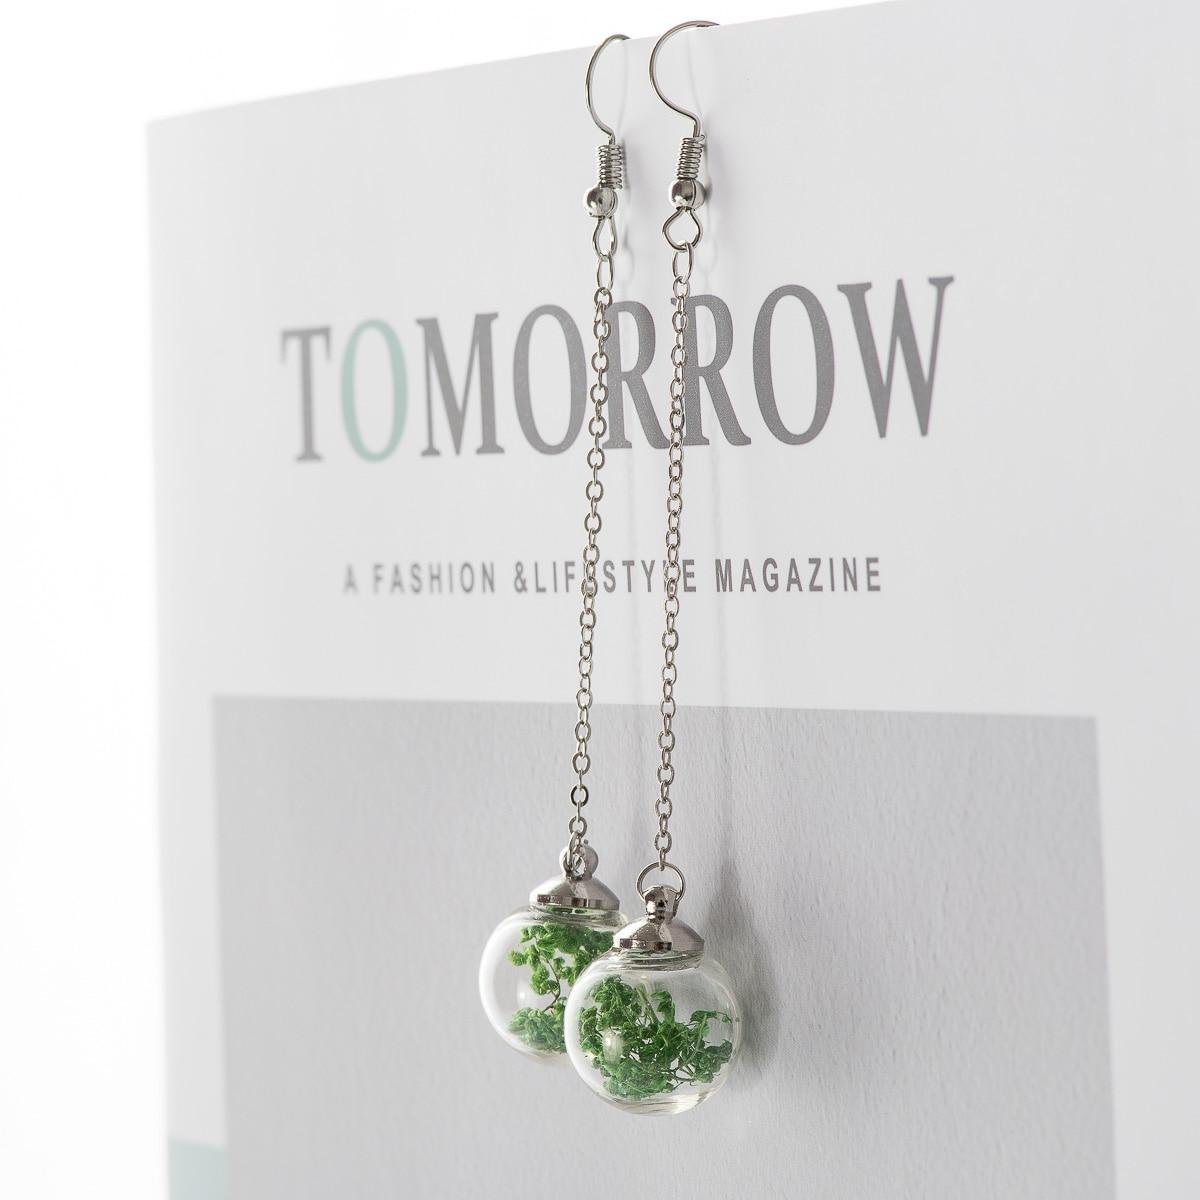 Flower Eardrop Dried Flower In Glass Ball Earrings Fantasy DIY Ear Lines Dangle Earring For Women #HZ229